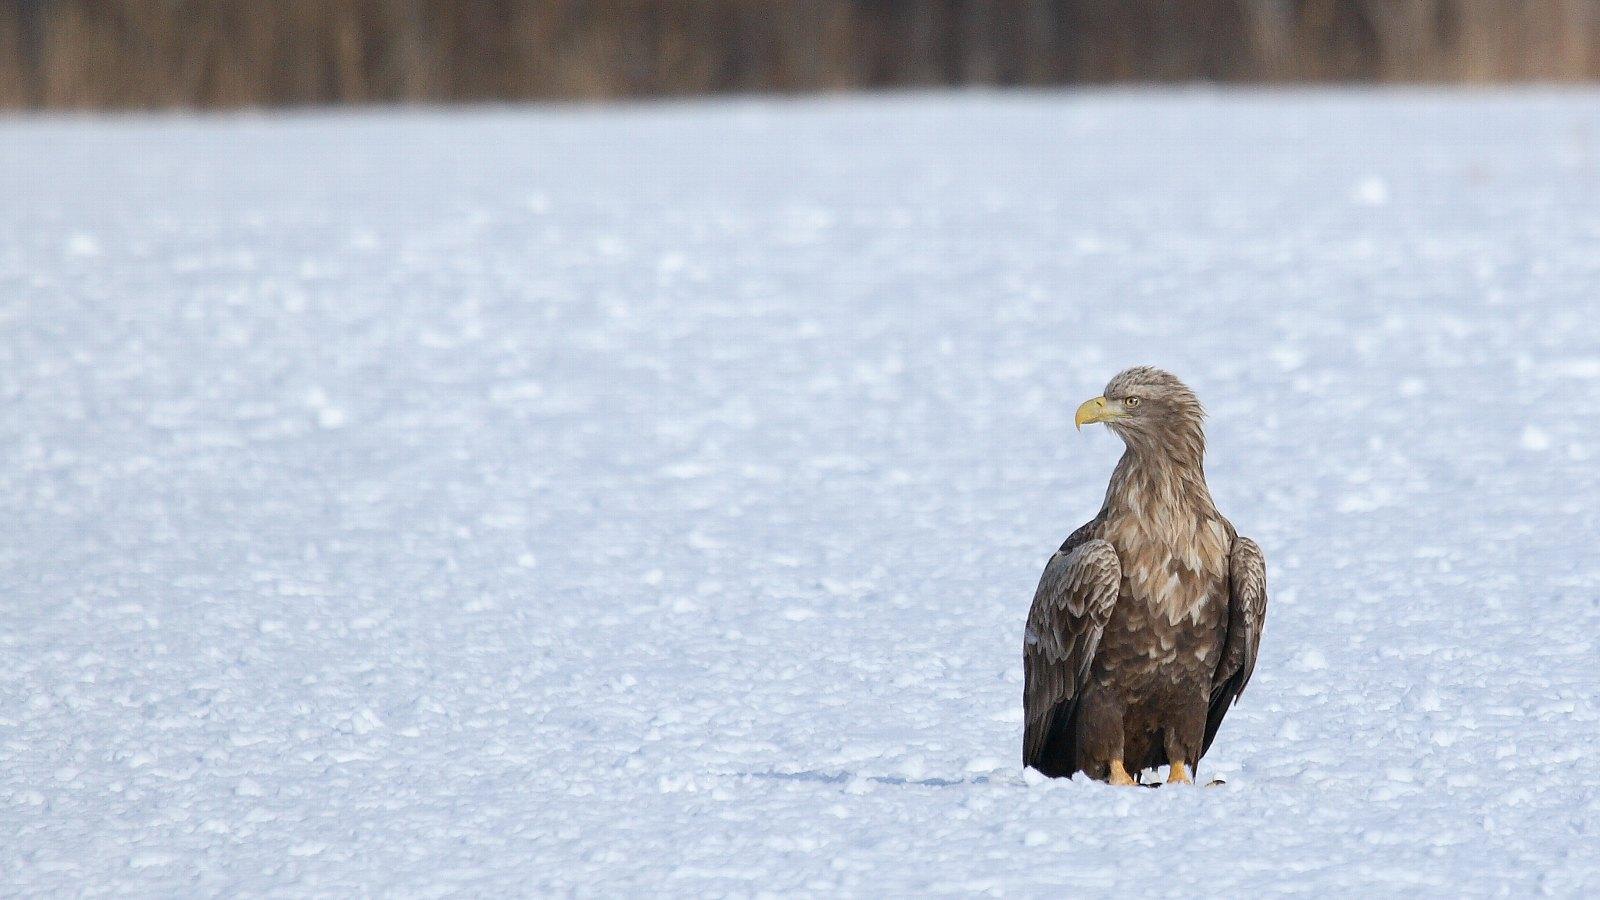 雪原上のオジロワシ(北の国の美しい冬の情景)_f0105570_2240528.jpg